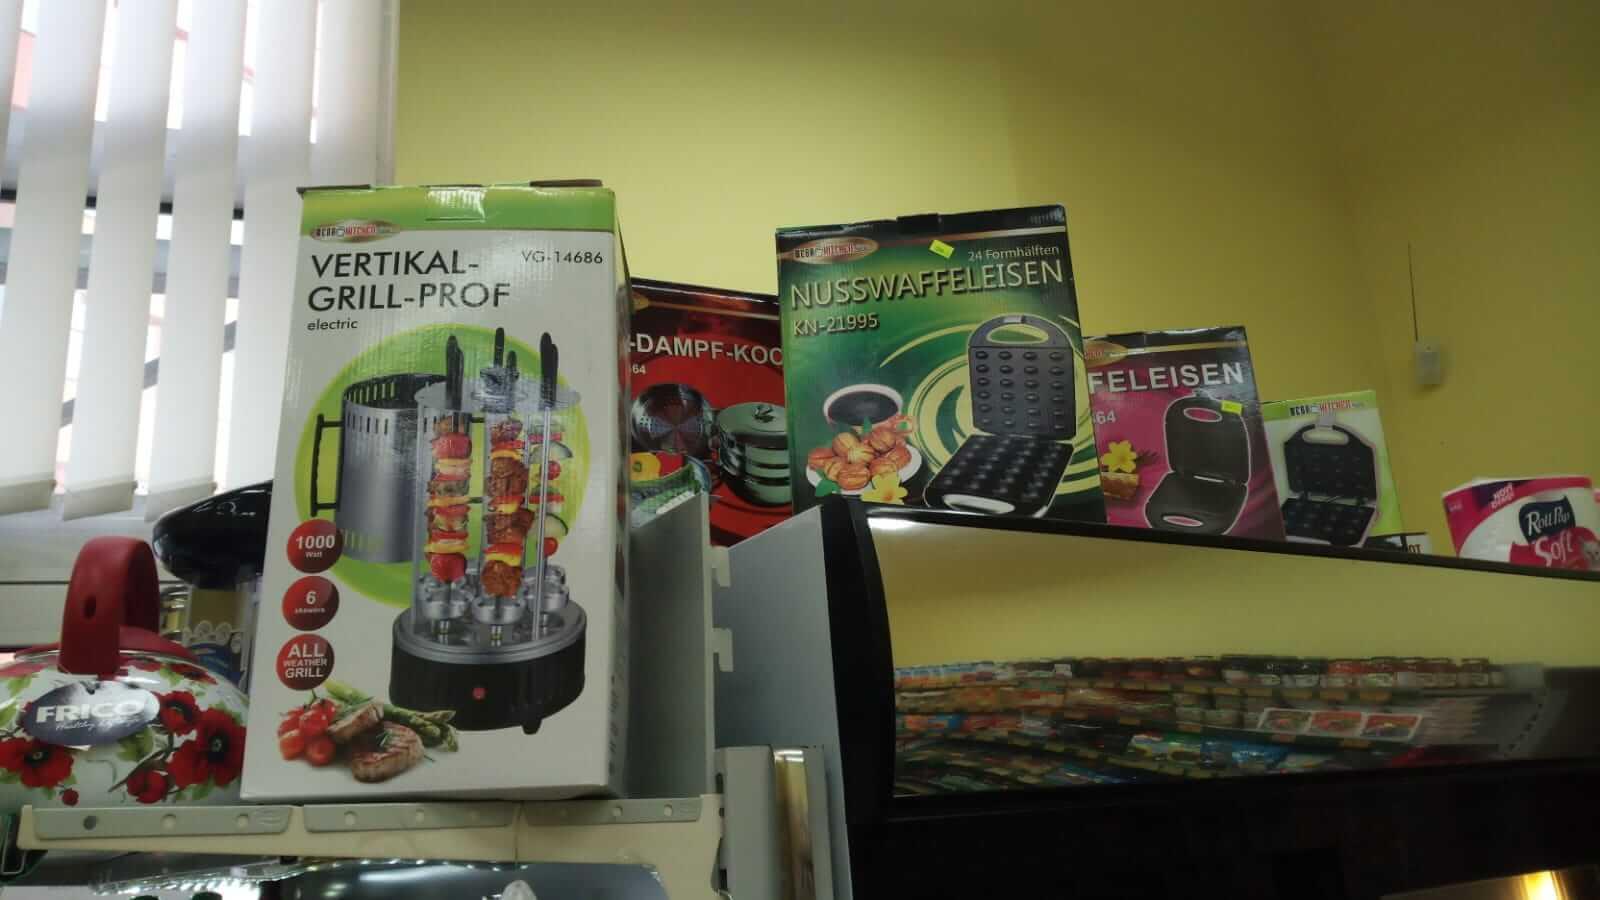 Электроприборы, товары для кухни и не только